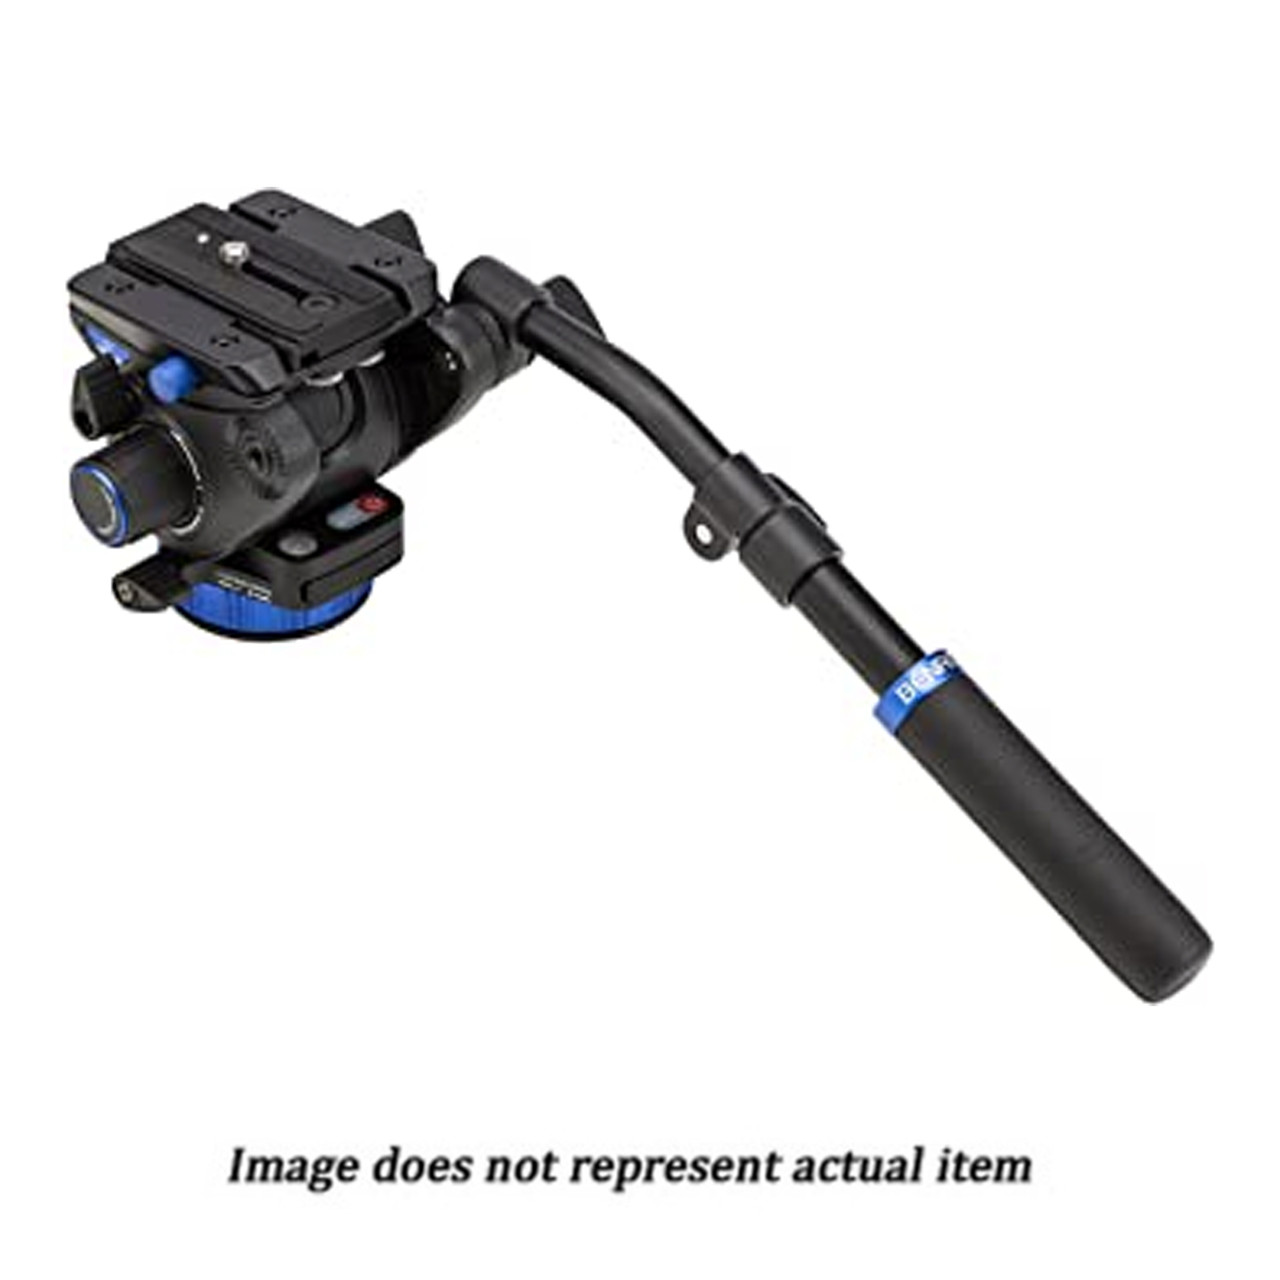 Benro S7 Fluid Video Head (USED) - S/N 287914